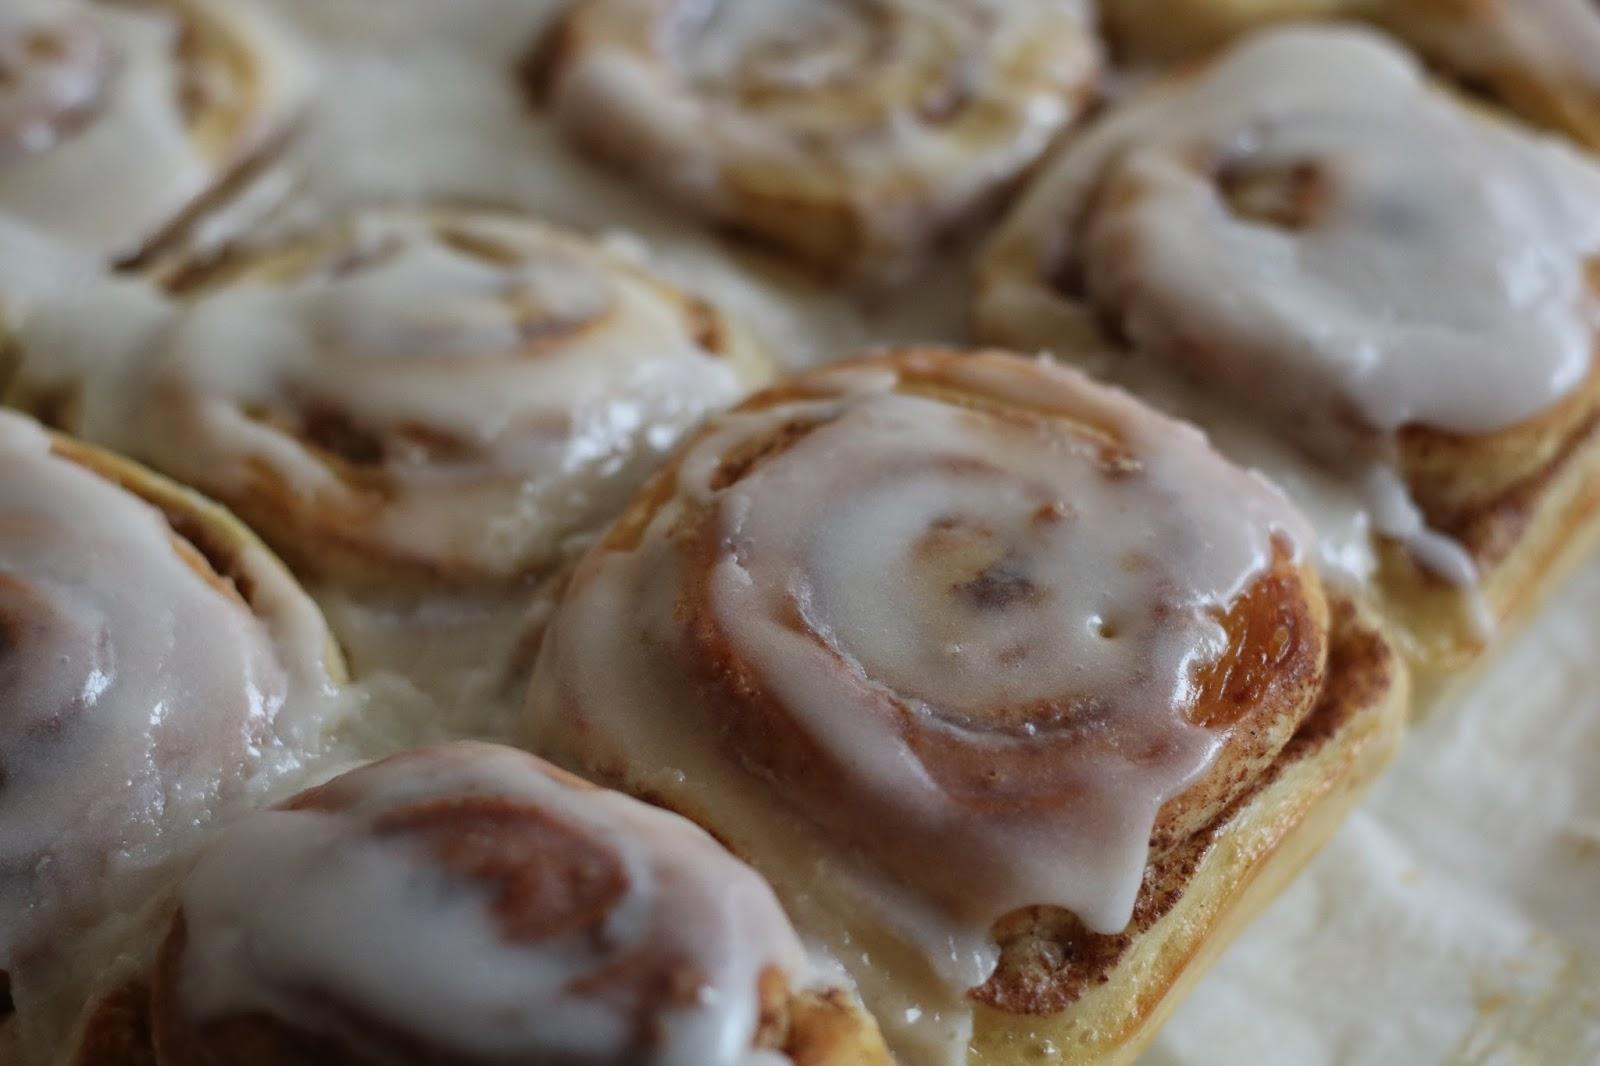 Tiernos bollos rellenos de canela y azúcar moreno para el desayuno